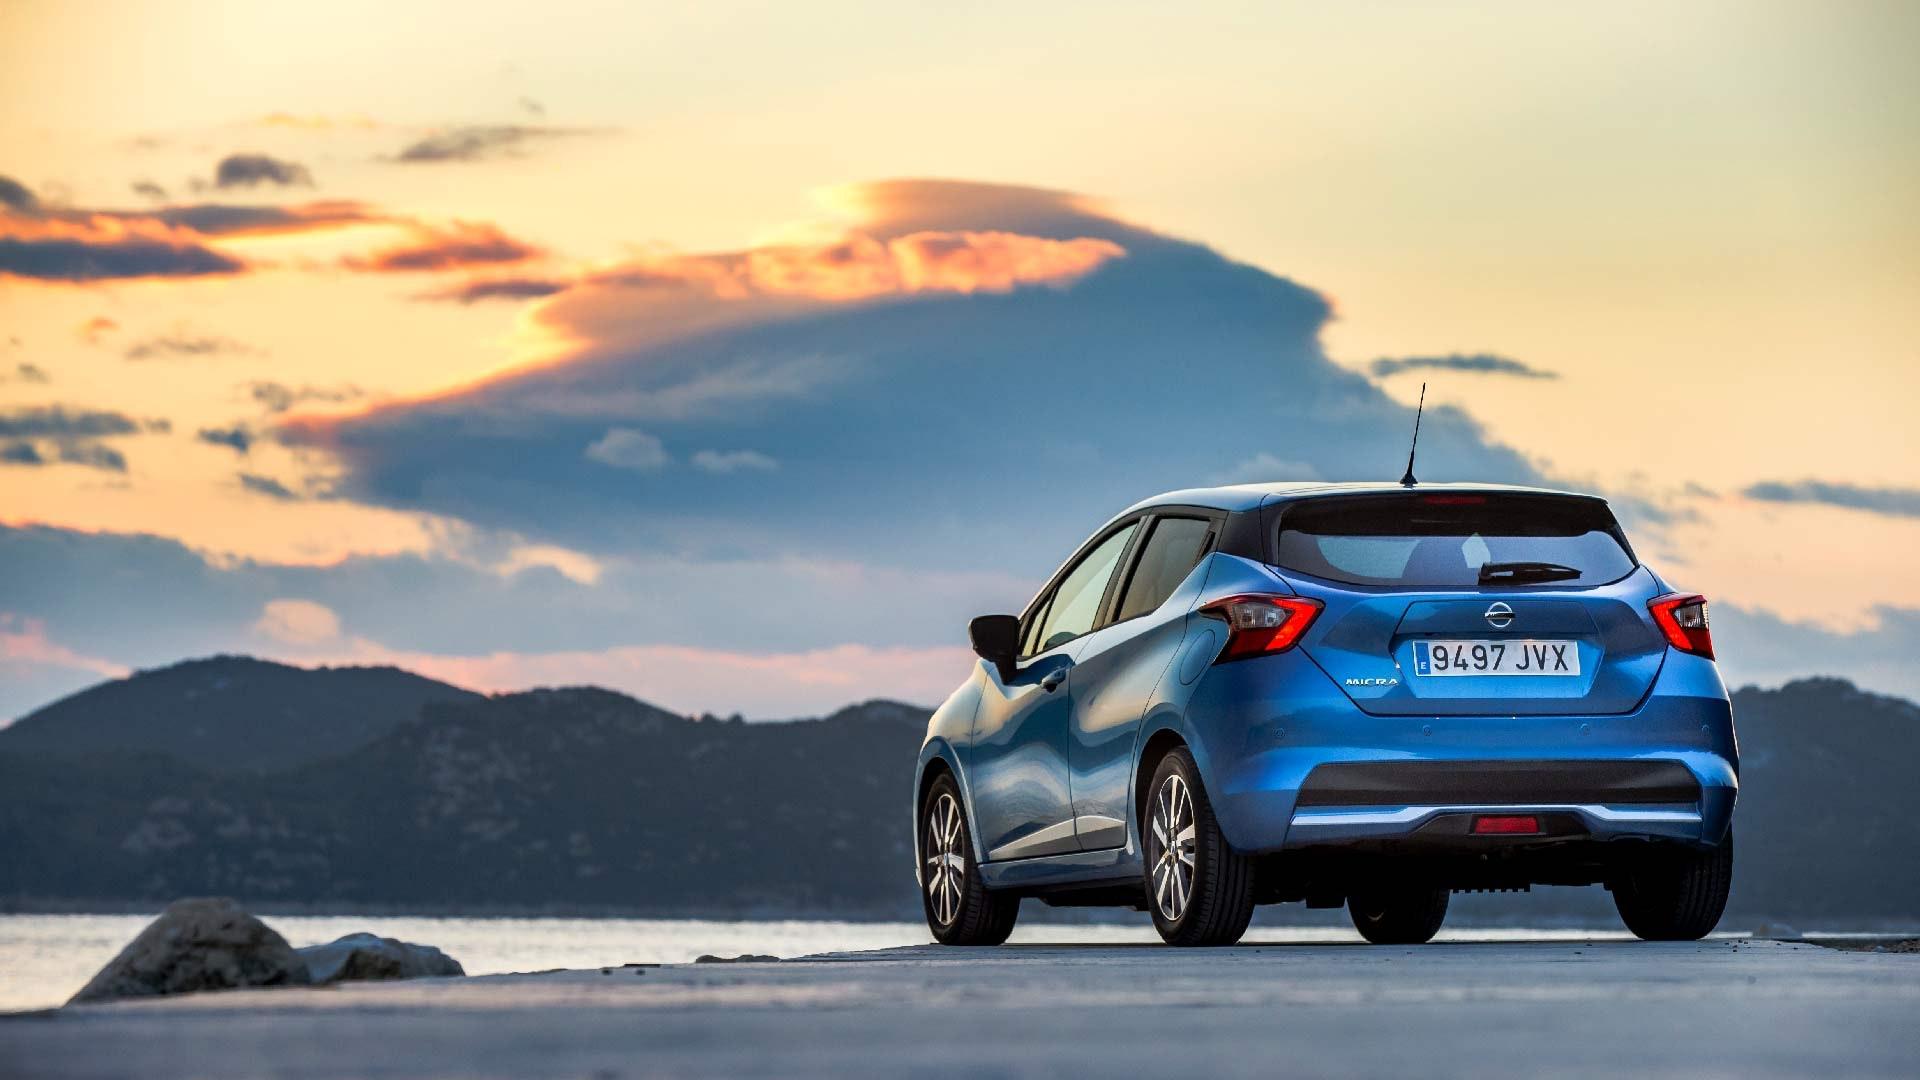 Nissan Micra bagende i blå